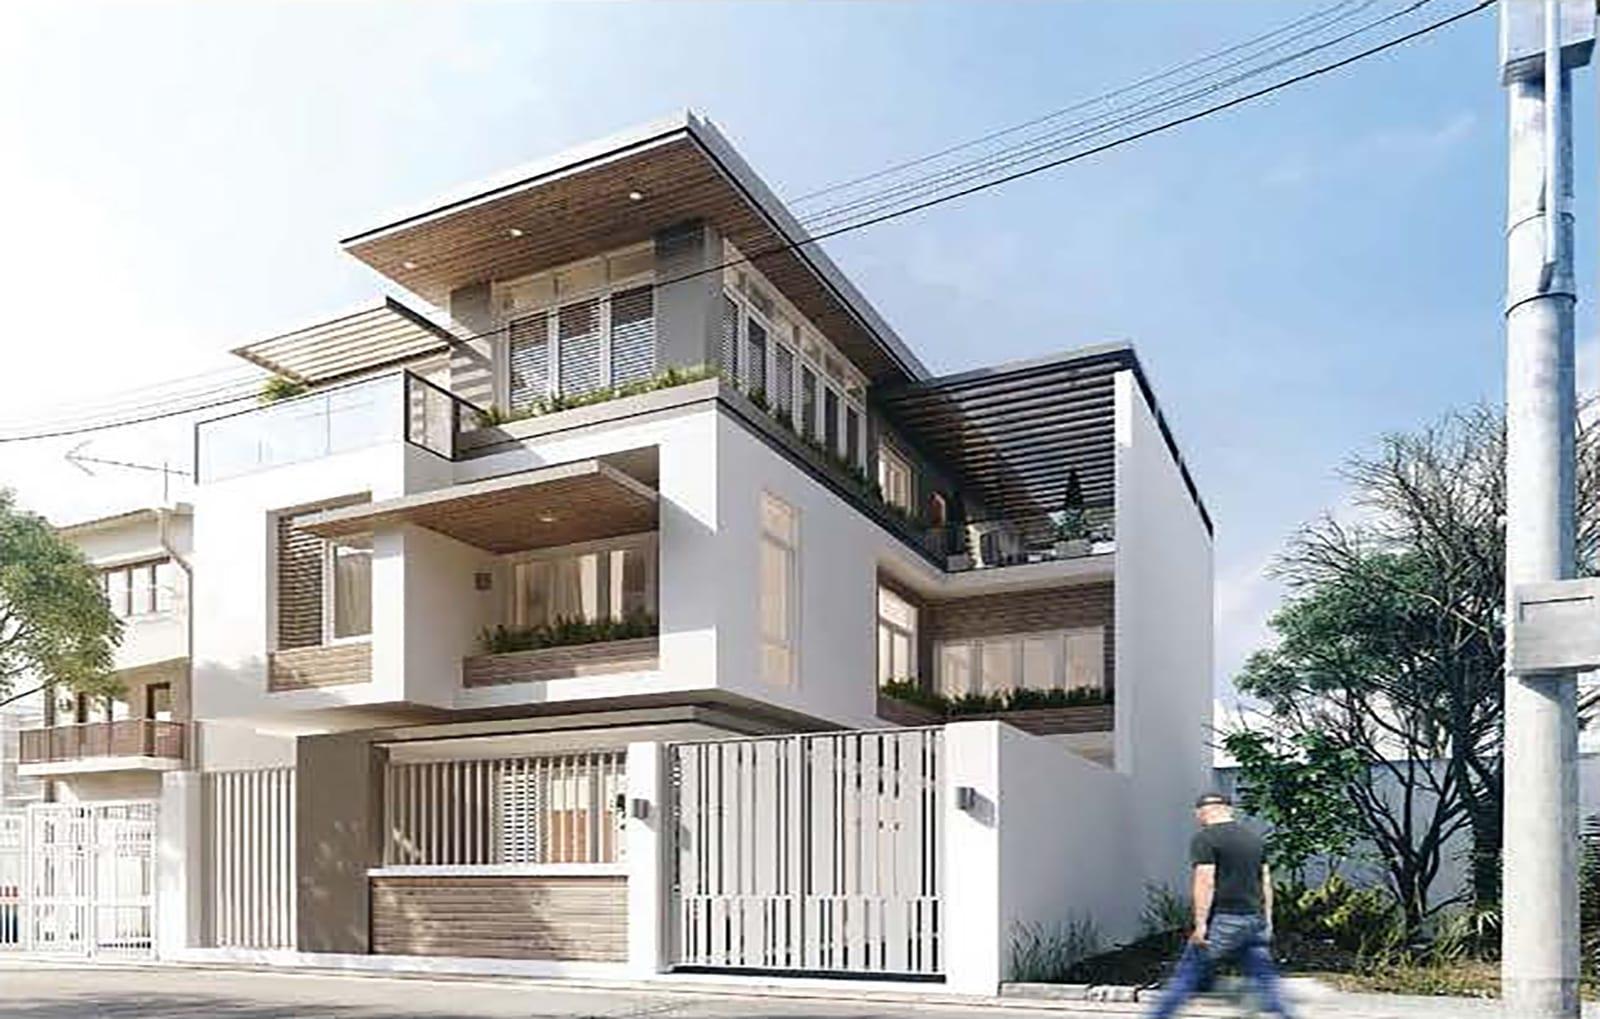 CALOUNDRA HOUSE | Queensland